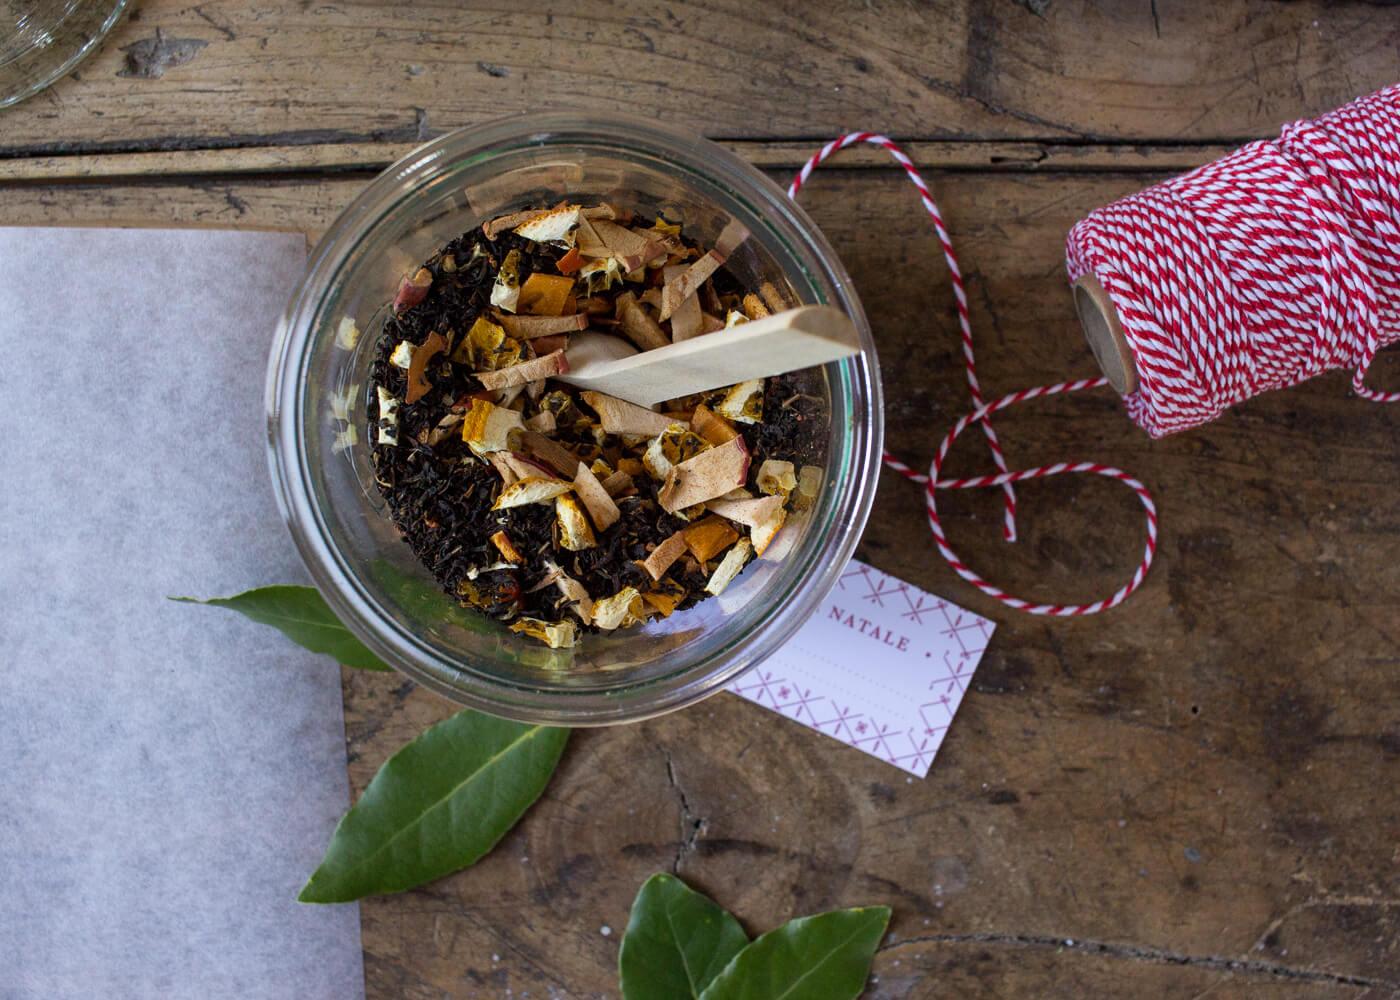 Calendario dell'Avvento - Impacchettare il tè di Natale - Tag da scaricare - Un Natale di tradizioni - Lily&SageDesign